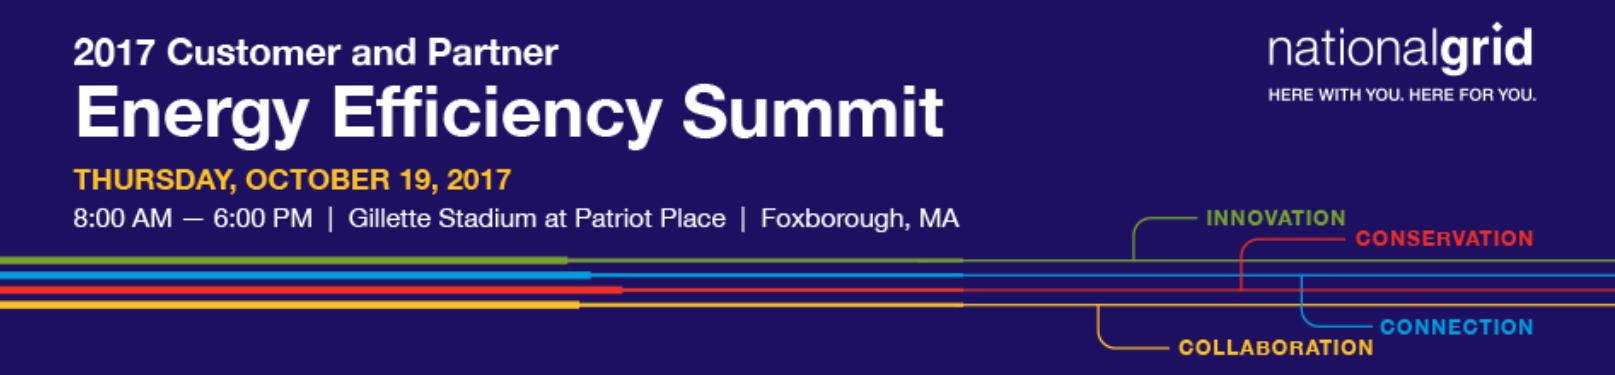 National Grid Energy Efficiency Summit Banner